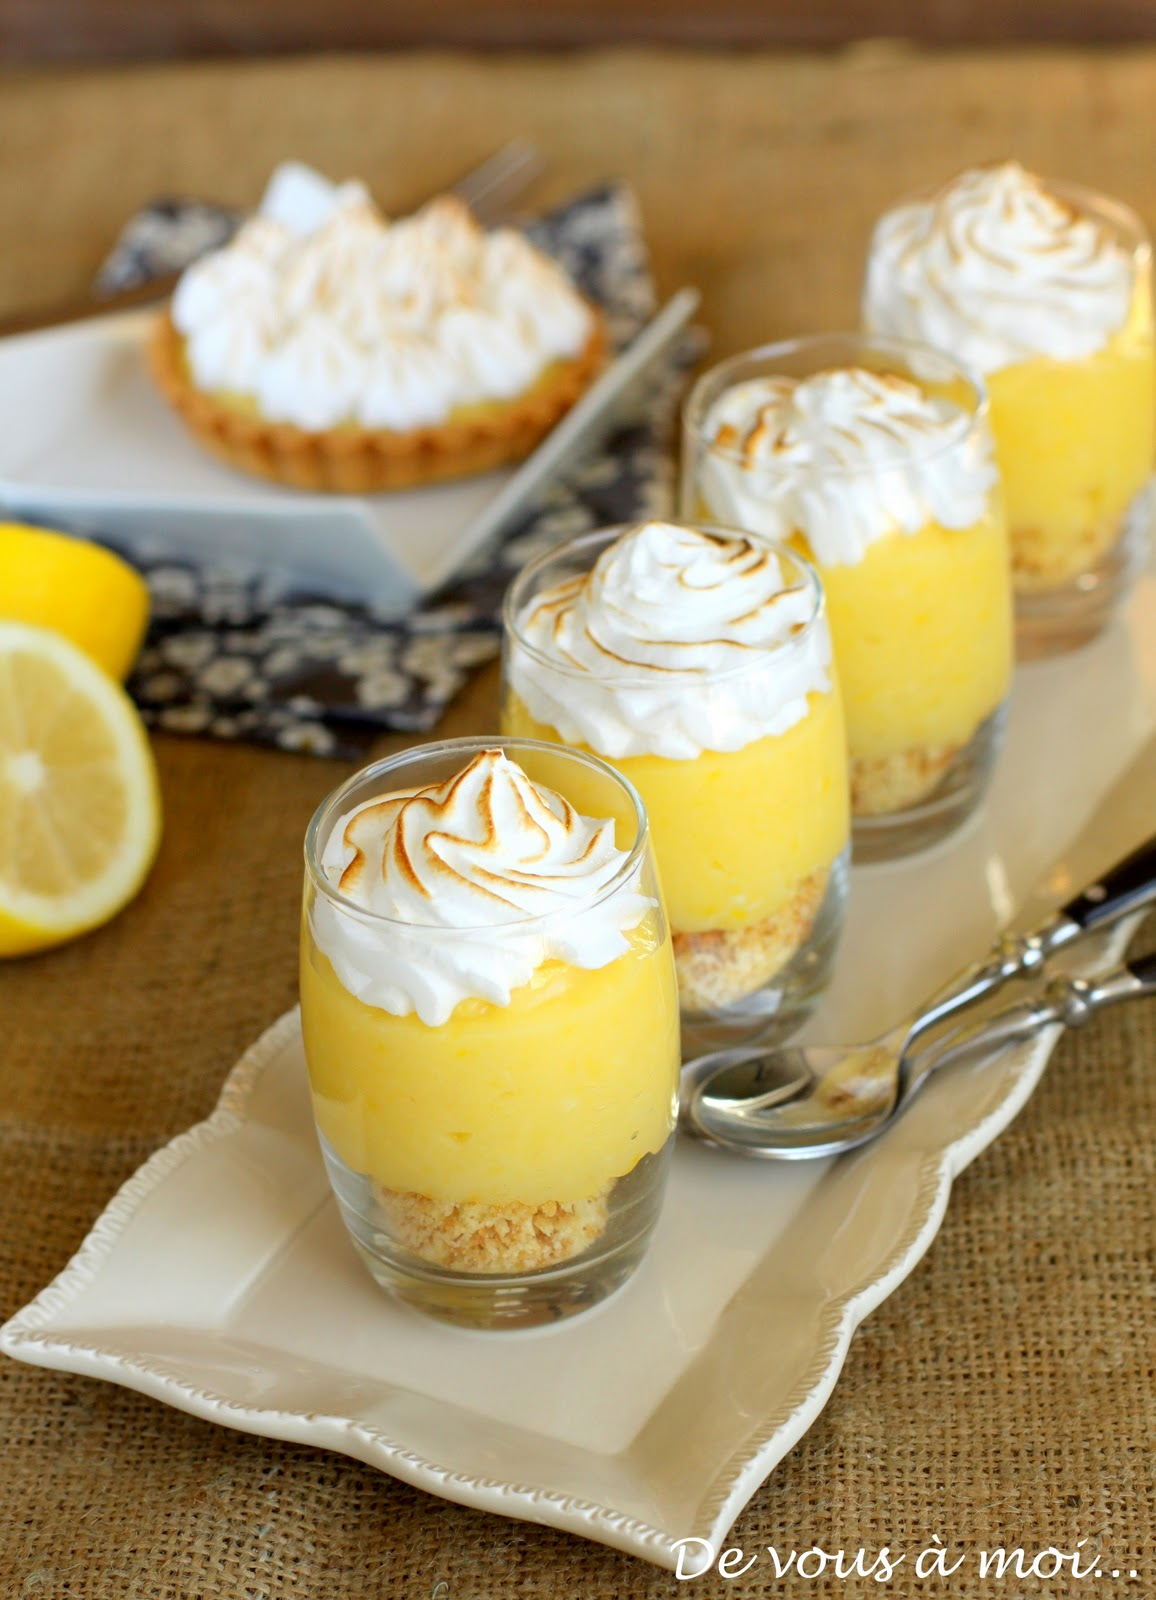 De vous moi tarte au citron meringu e revisit e - Recette tarte au citron sans meringue ...